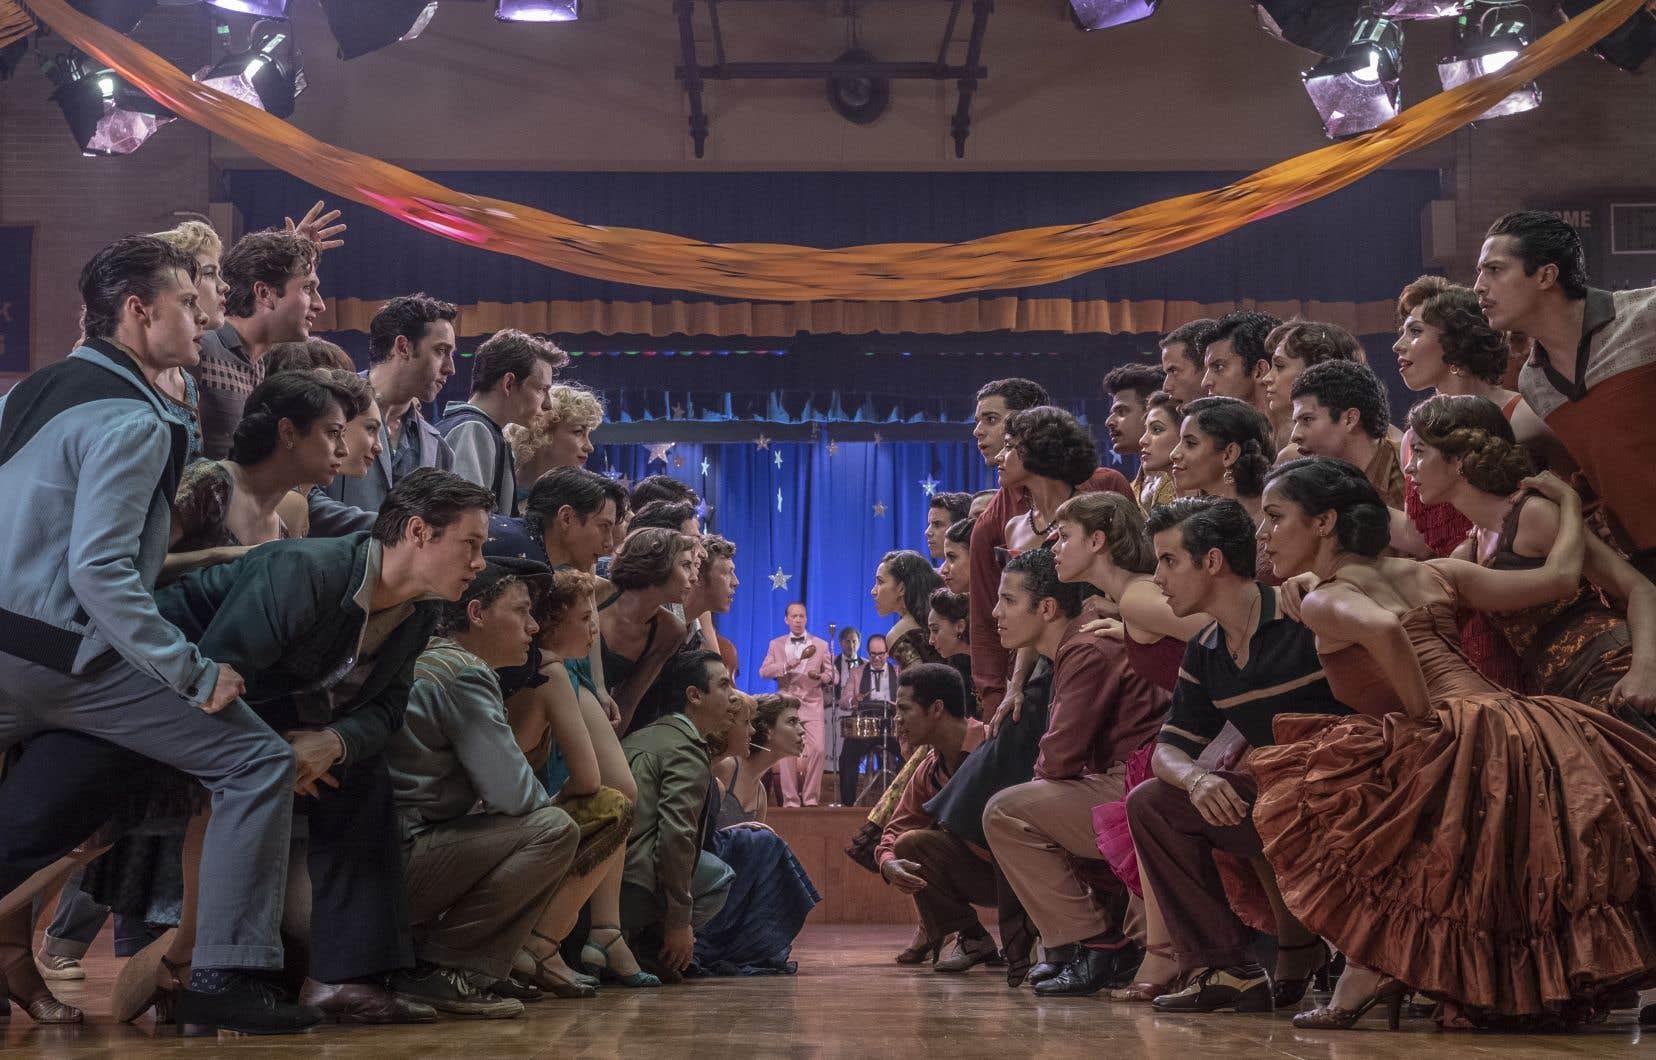 Qui d'autre que Steven Spielbergaurait eu l'audace de tourner un «remake» du chef-d'œuvre de Robert Wise, adapté du brillant «musical» de Laurents, Sondheim et Bernstein, lui-même inspiré de«Roméo et Juliette» du grand barde? Avis aux nostalgiques: Rita Moreno, l'inoubliable Anita de 1961, joue un petit rôle dans «West Side Story».